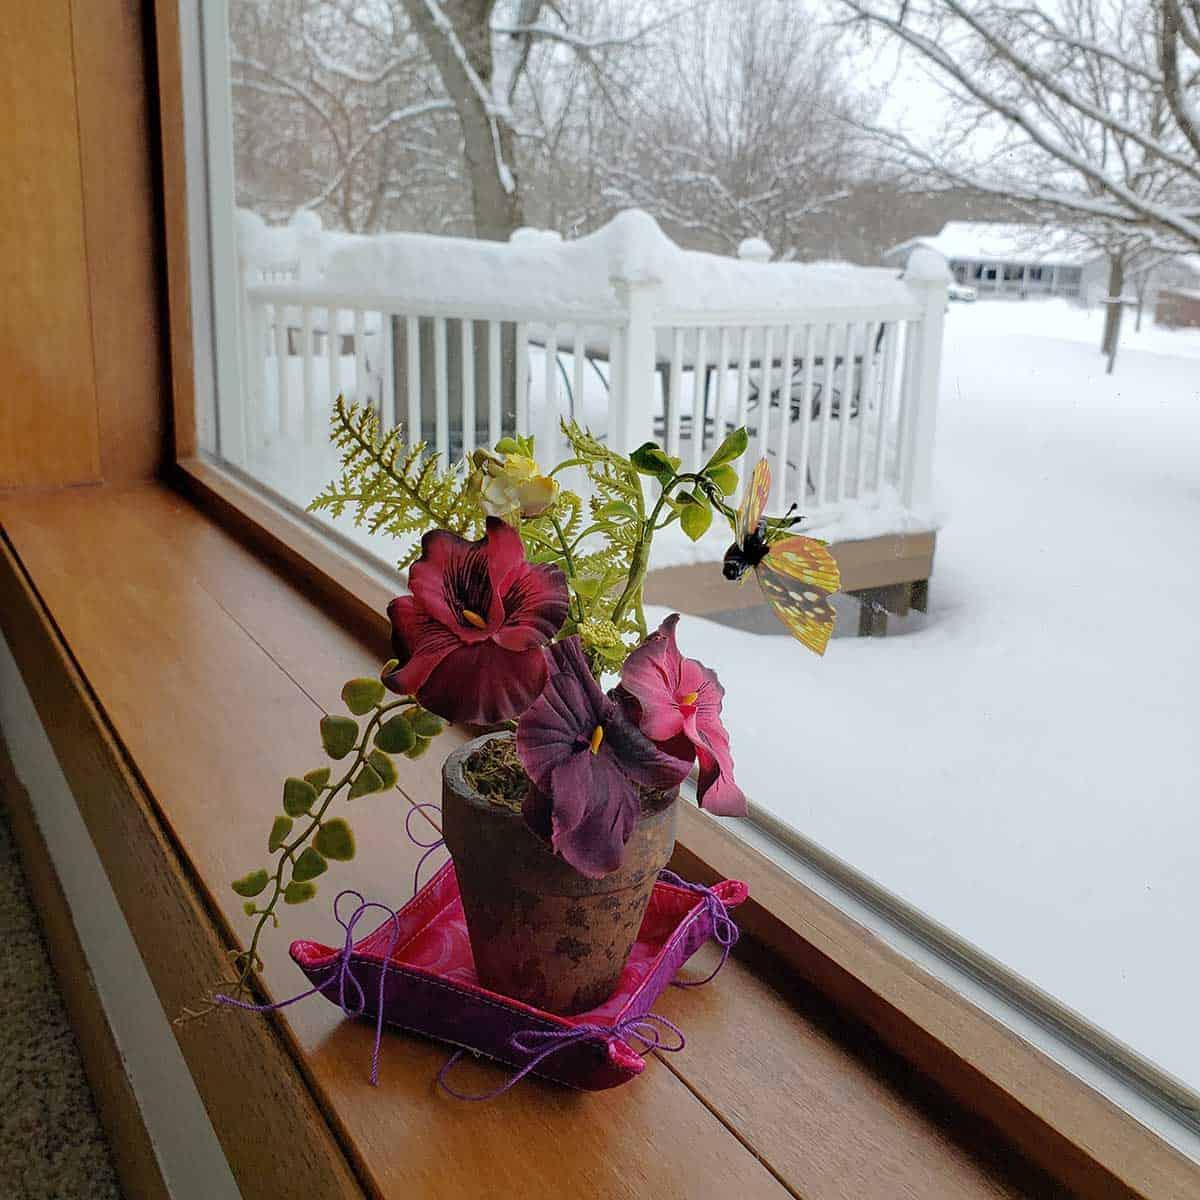 Valentine trinket basket from Sherry